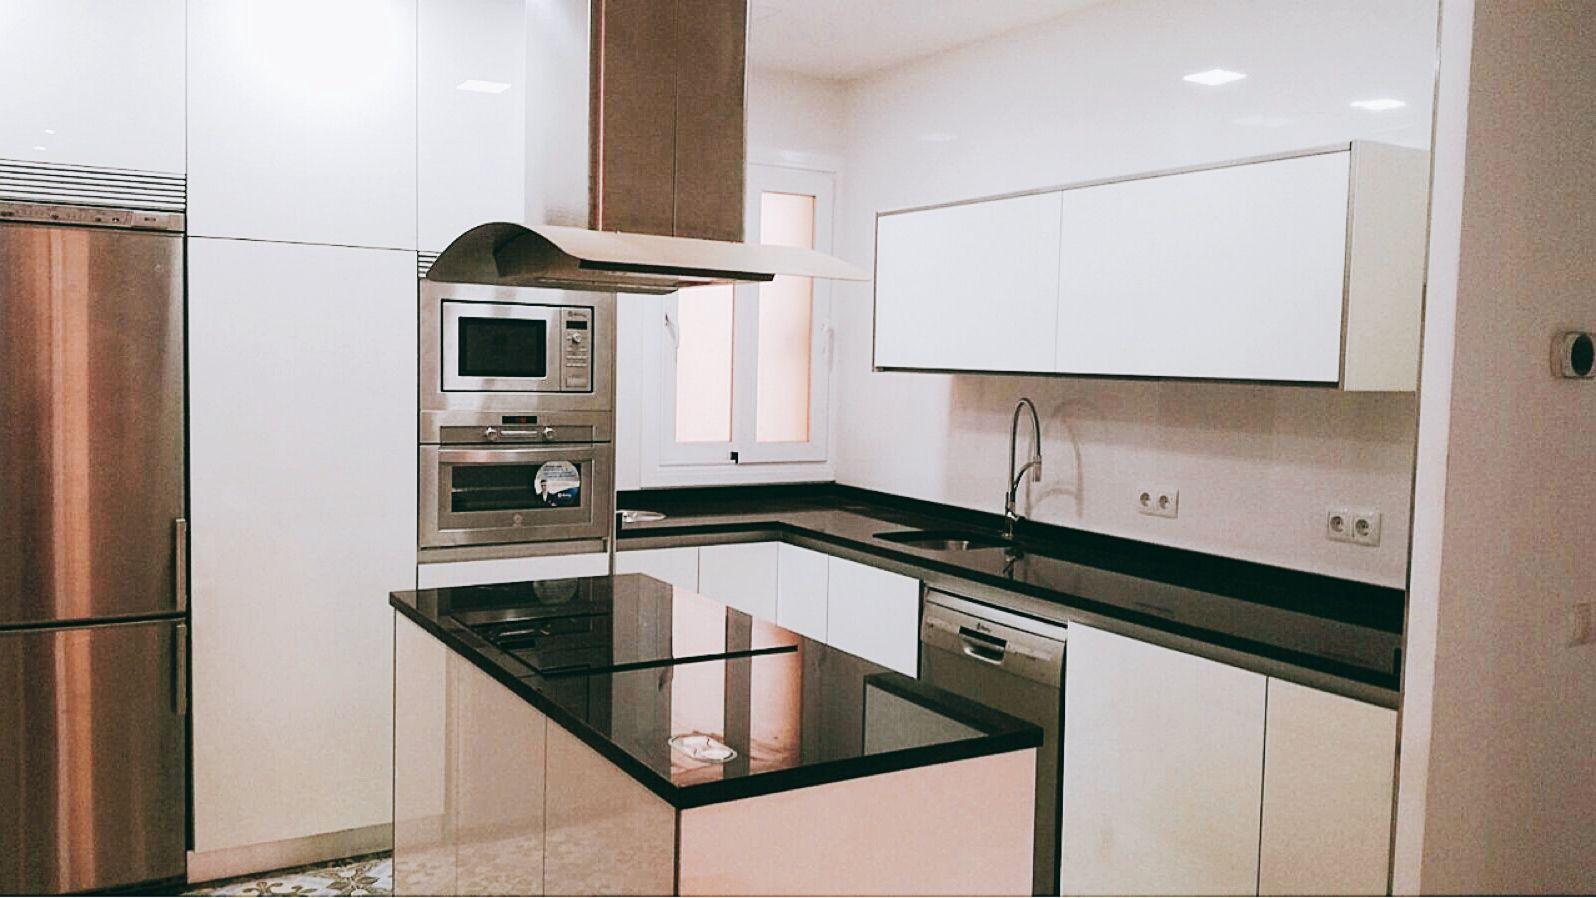 Muebles y electrodomésticos de cocina